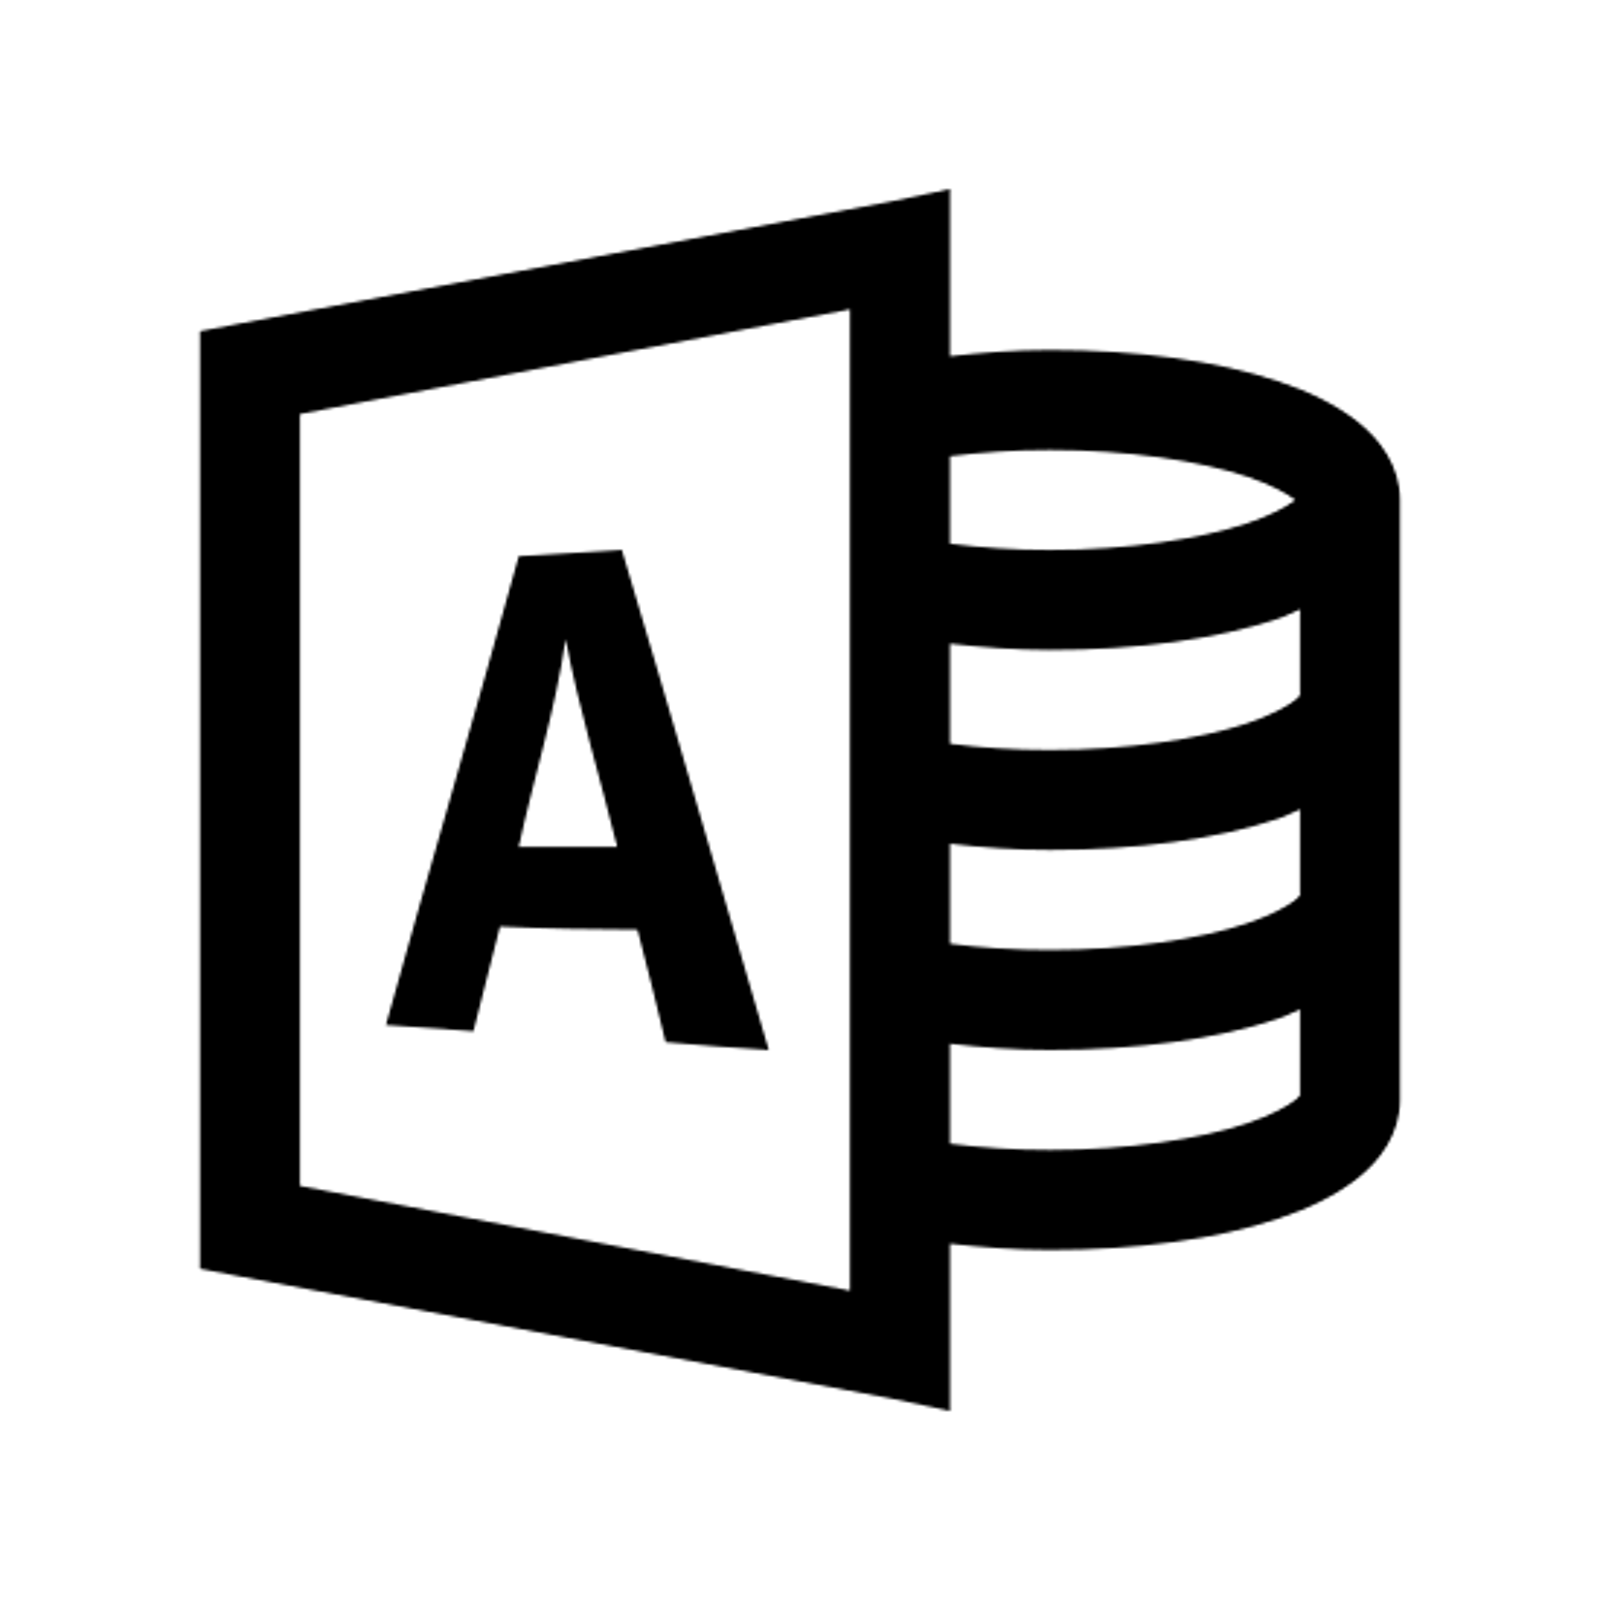 Иконка microsoft access скачать бесплатно в png и векторе